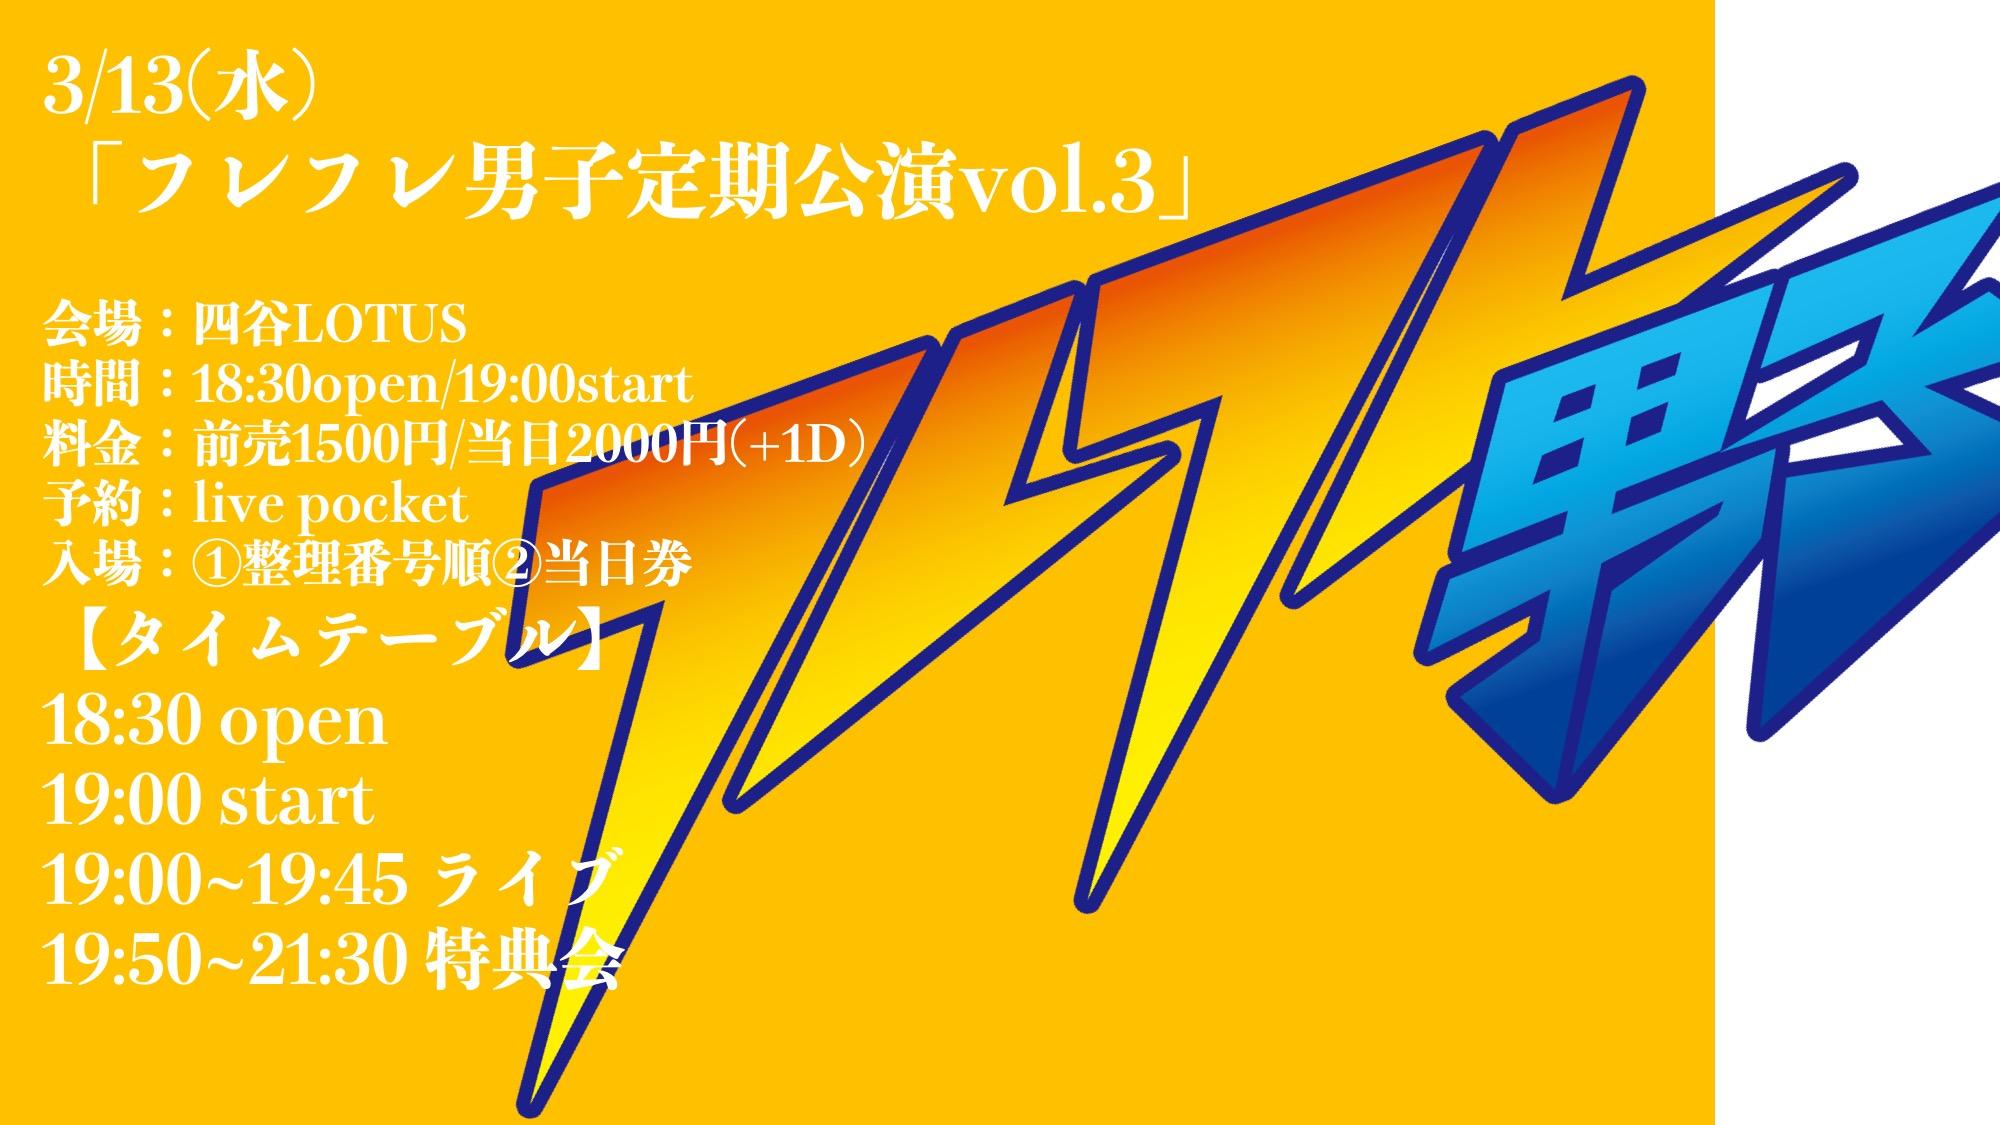 「フレフレ男子定期公演vol.3」